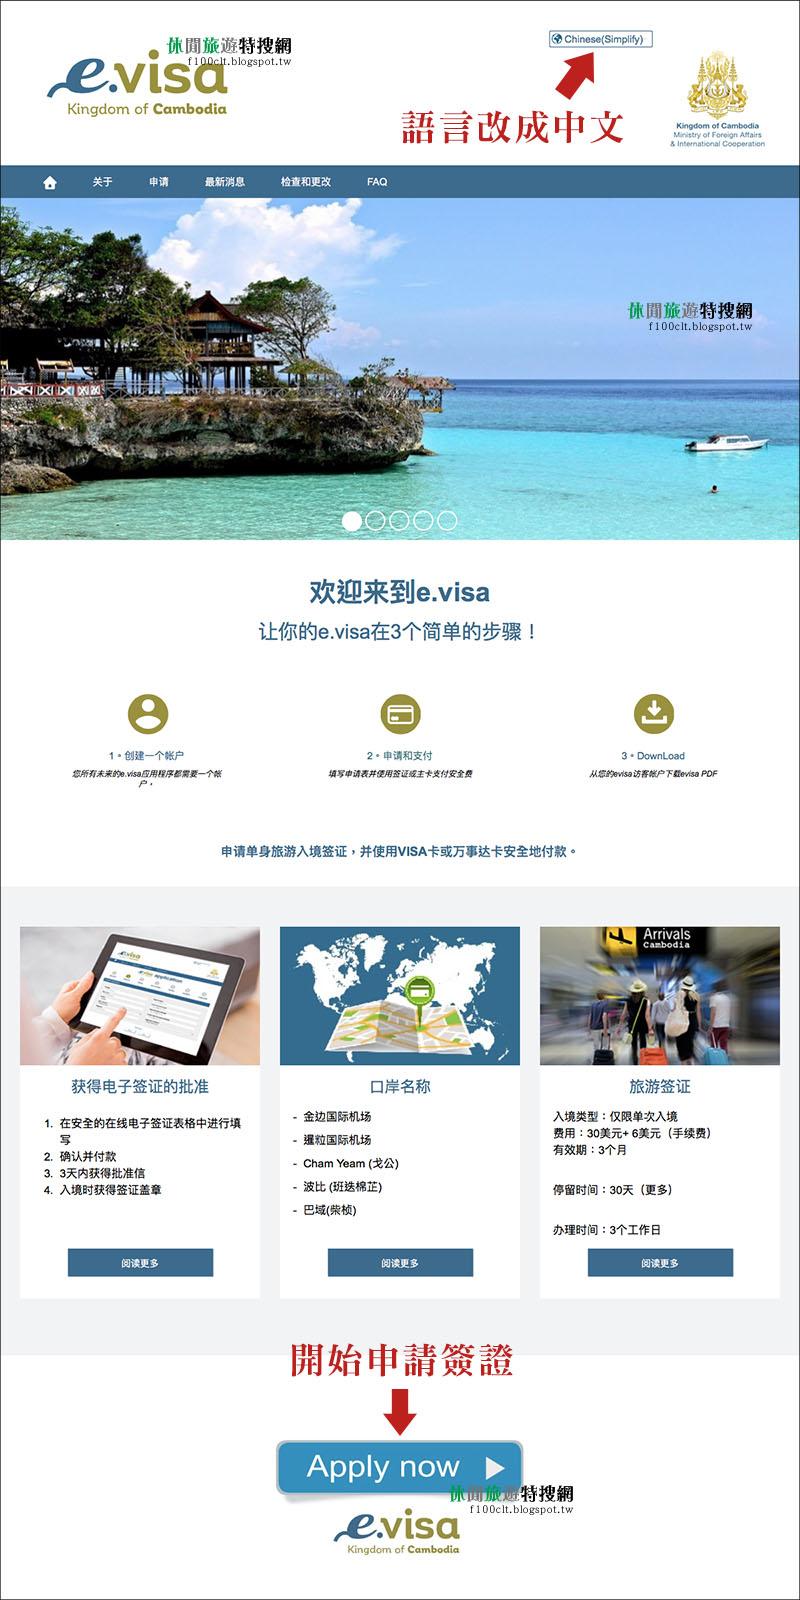 柬埔寨簽證 / 觀光電子簽證 / 線上辦理 / 線上表格教學